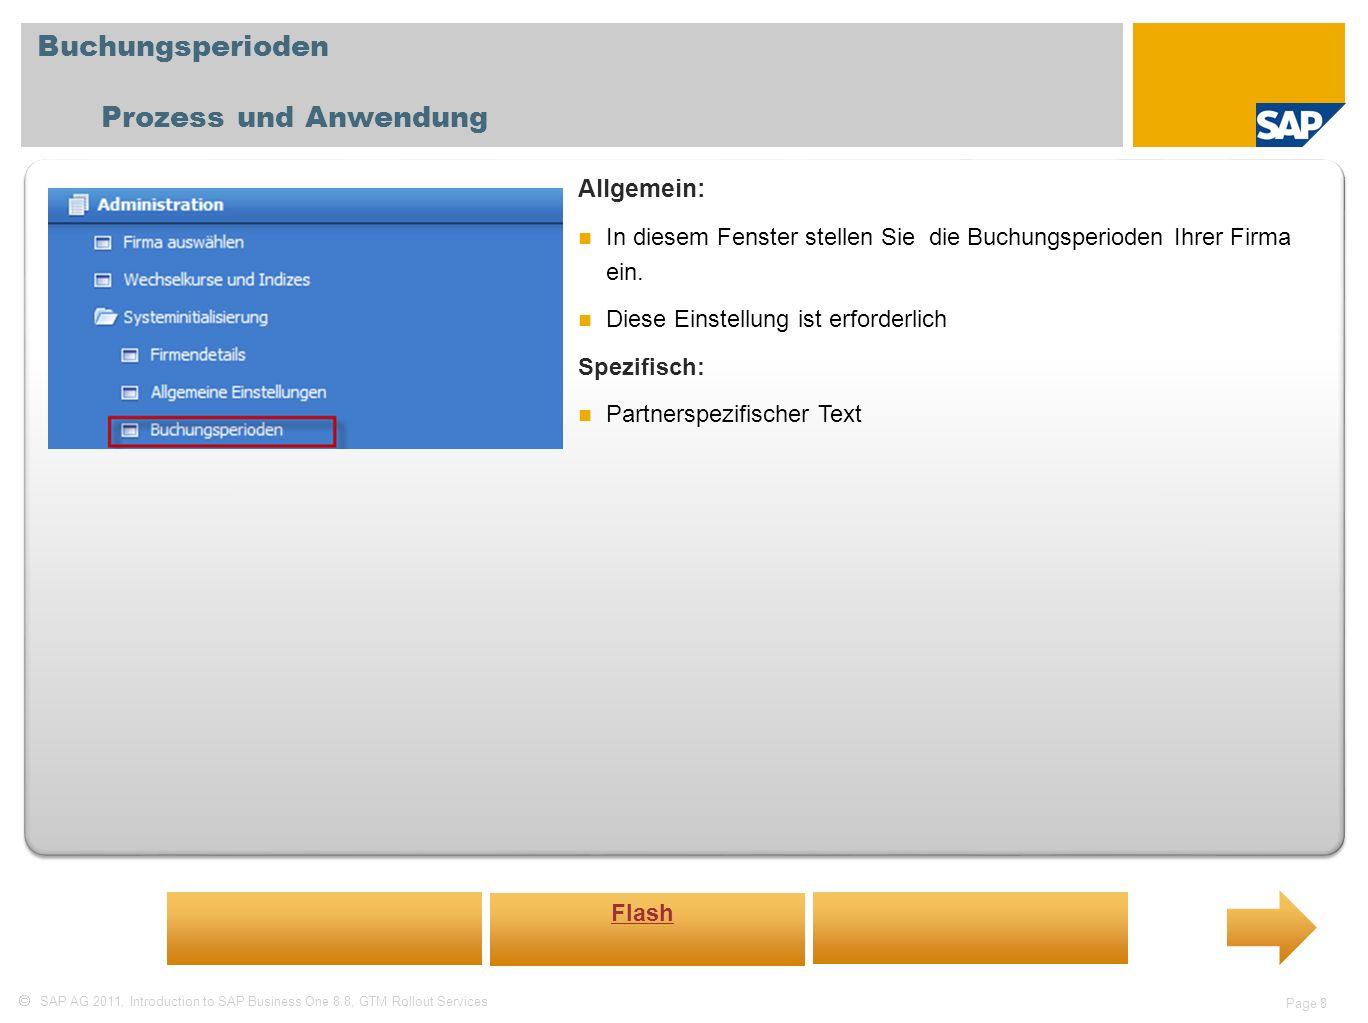 SAP AG 2011, Introduction to SAP Business One 8.8, GTM Rollout Services Page 19 Sachkonten und Geschäftspartner Prozess und Anwendung Allgemein: Mit diesem Bericht können Sie eine Liste der Sachkonten und/oder Geschäftspartner erstellen.